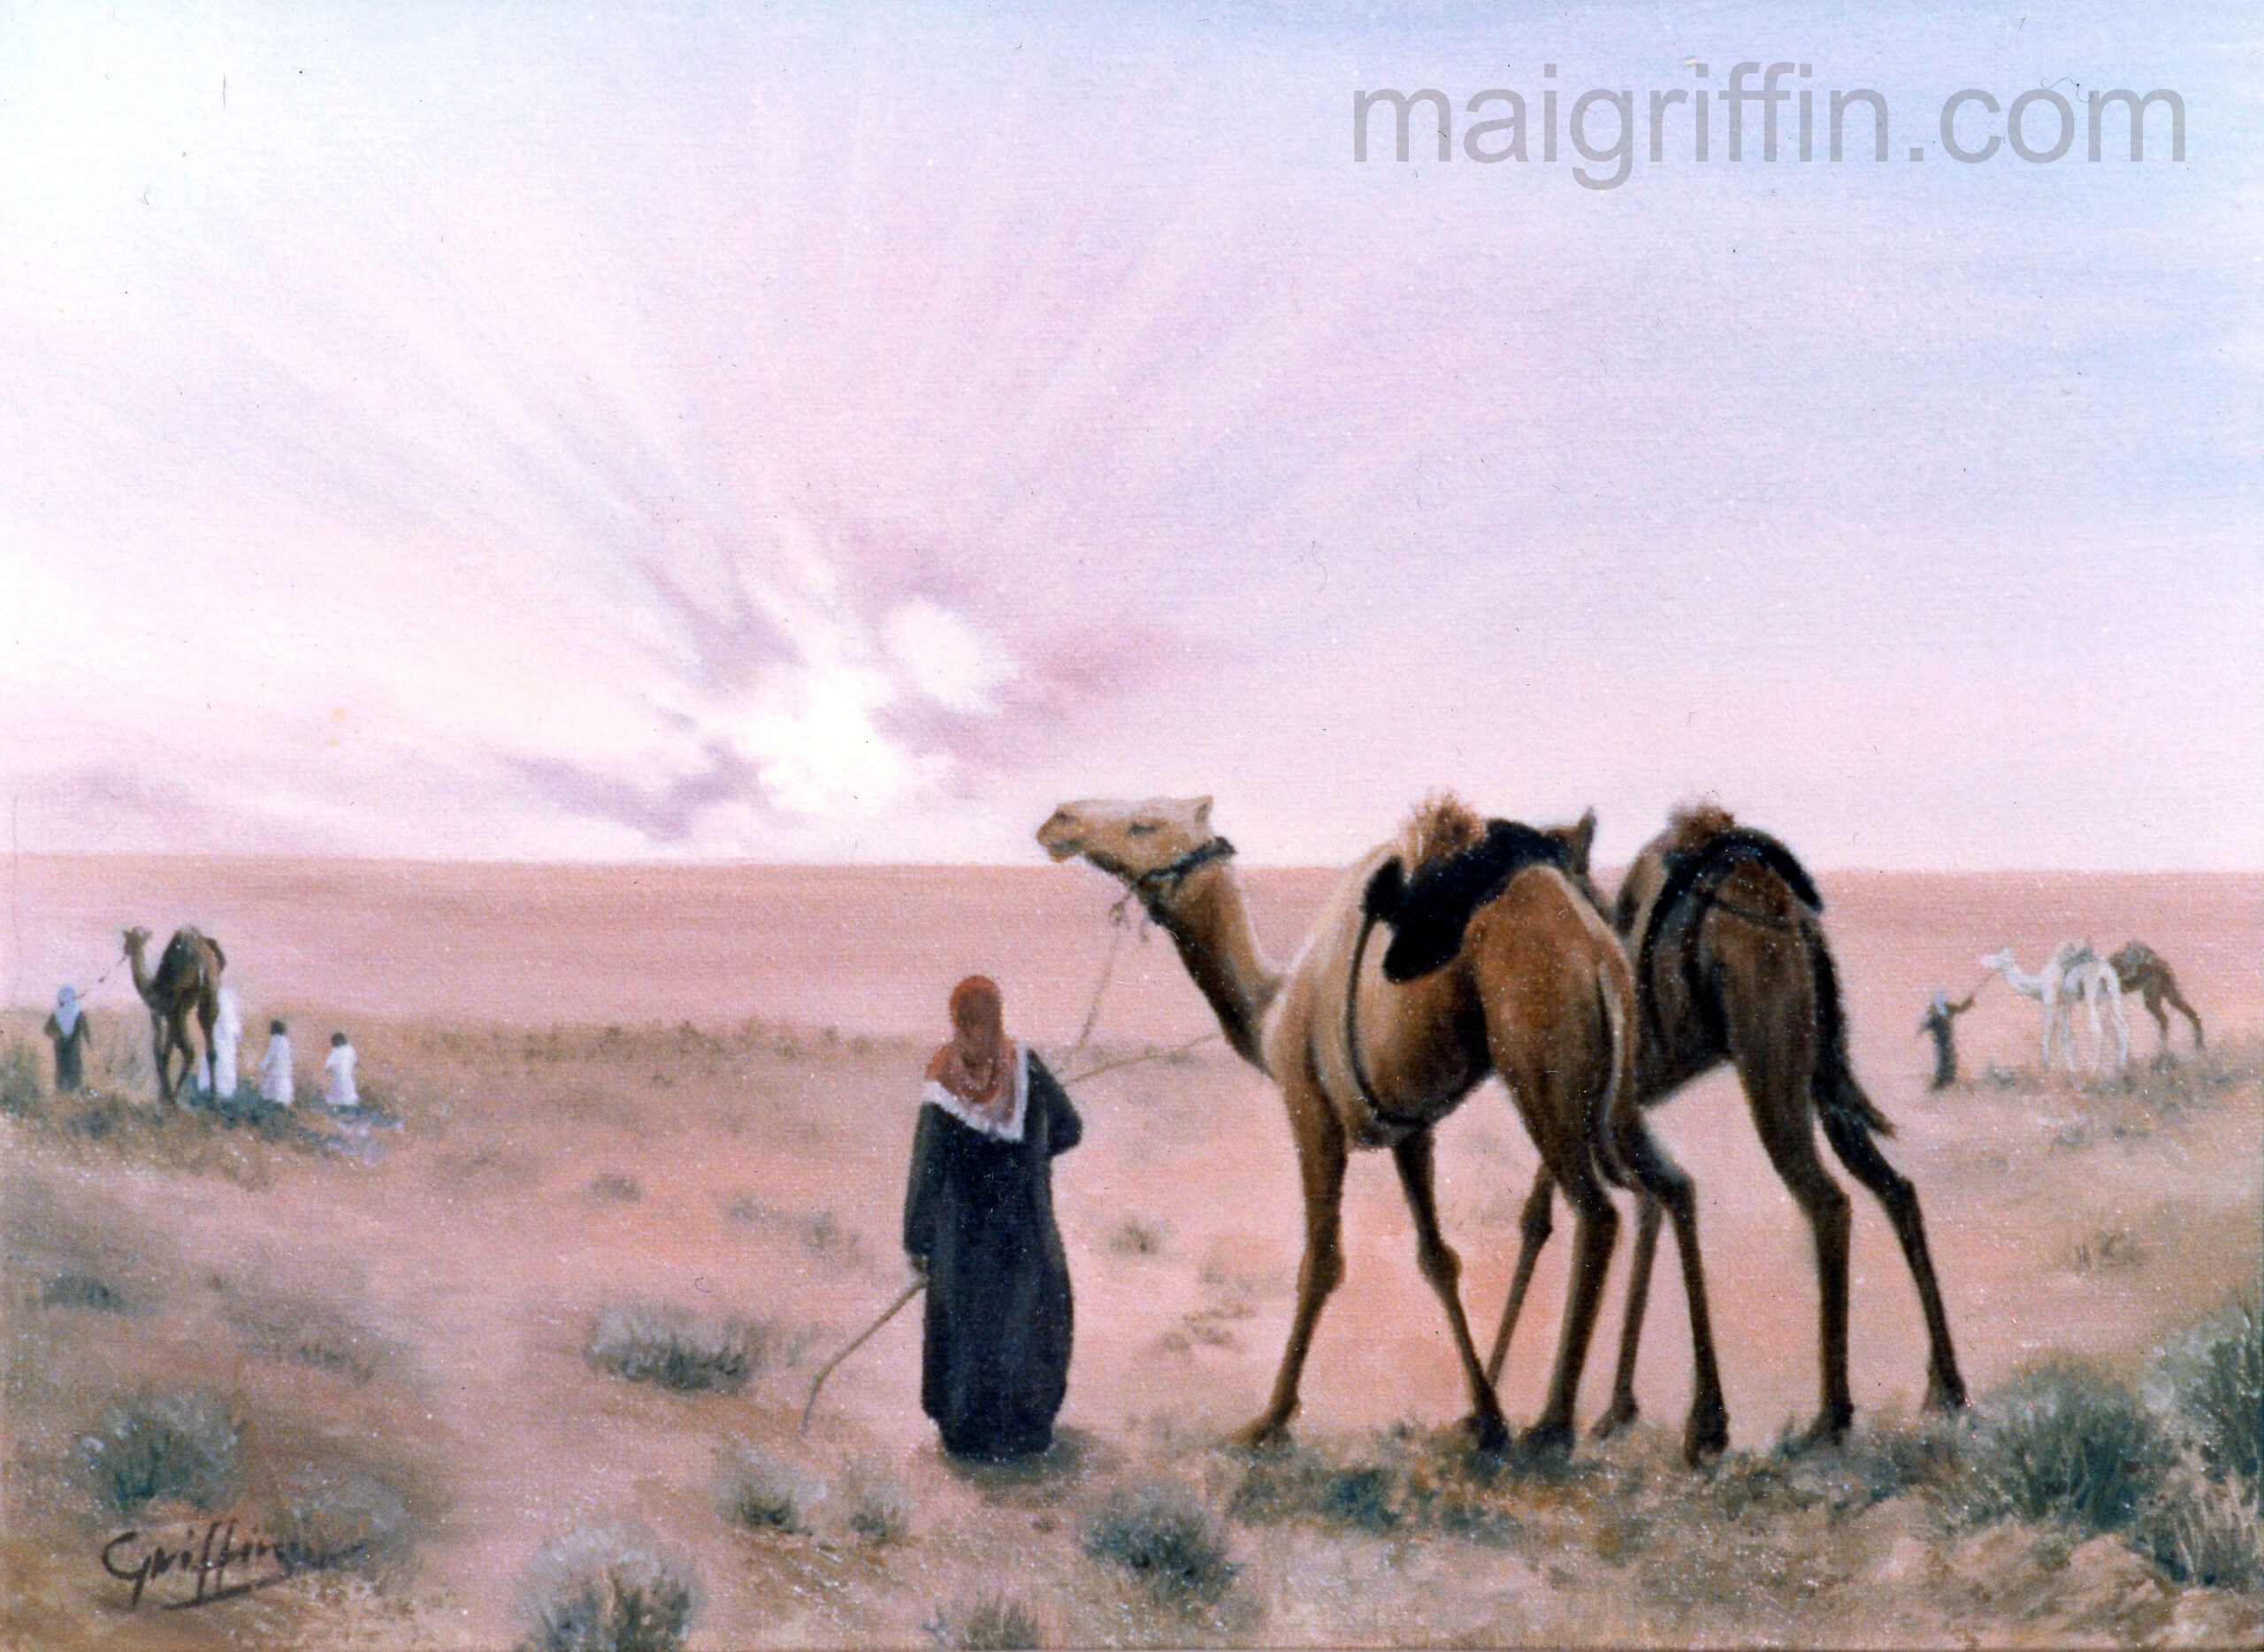 Camel Dawn by Mai Griffin